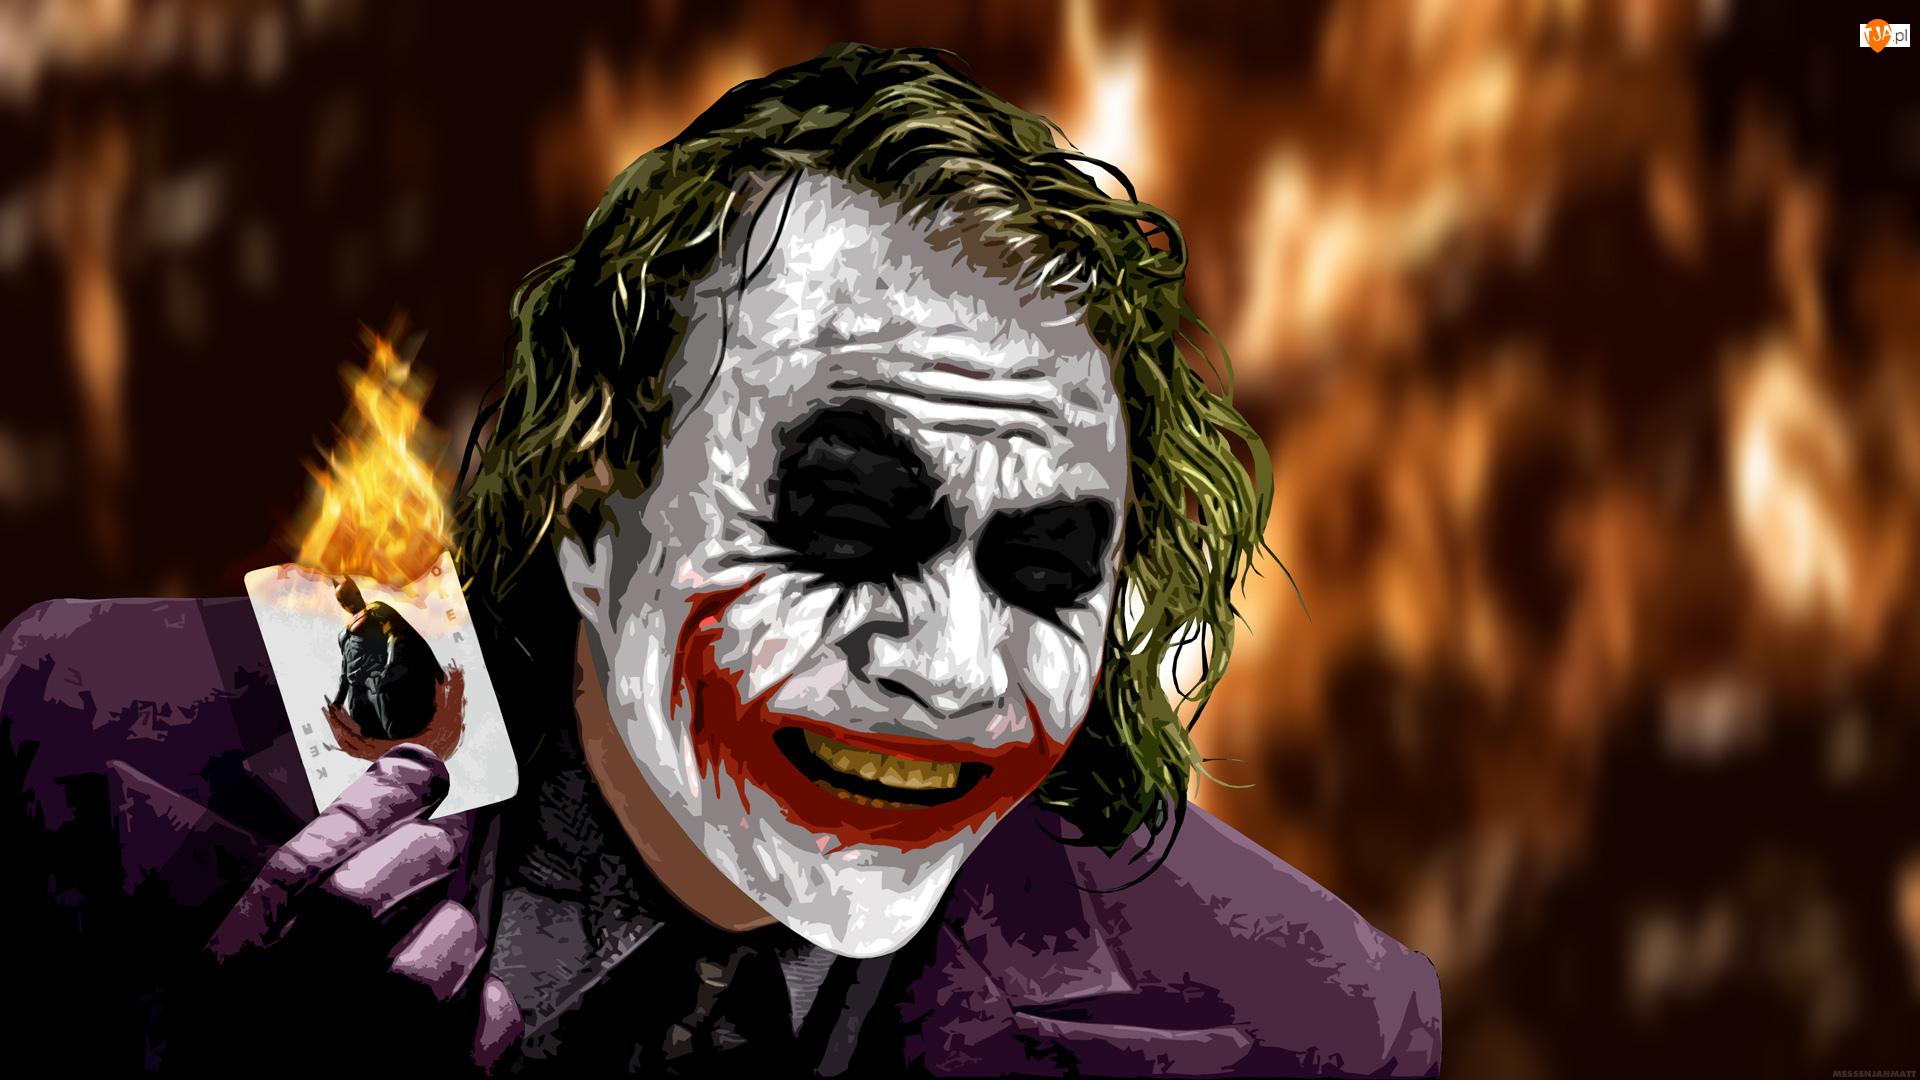 Joker, Grafika, Batman Dark Knight, Film, Mroczny rycerz